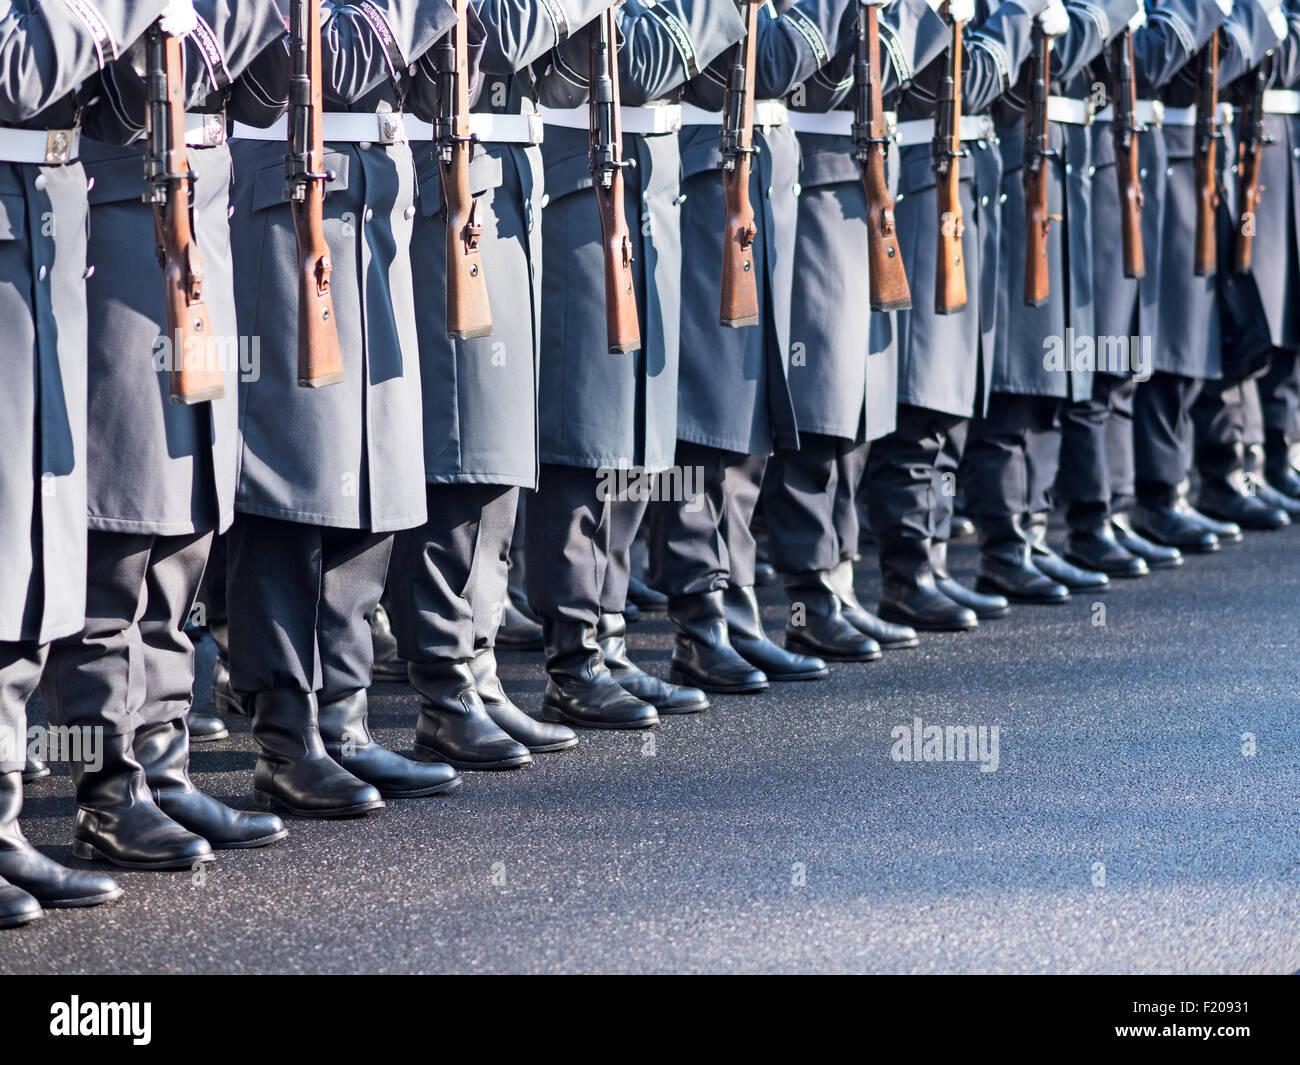 Wachregiment der Bundeswehr - Stock Image